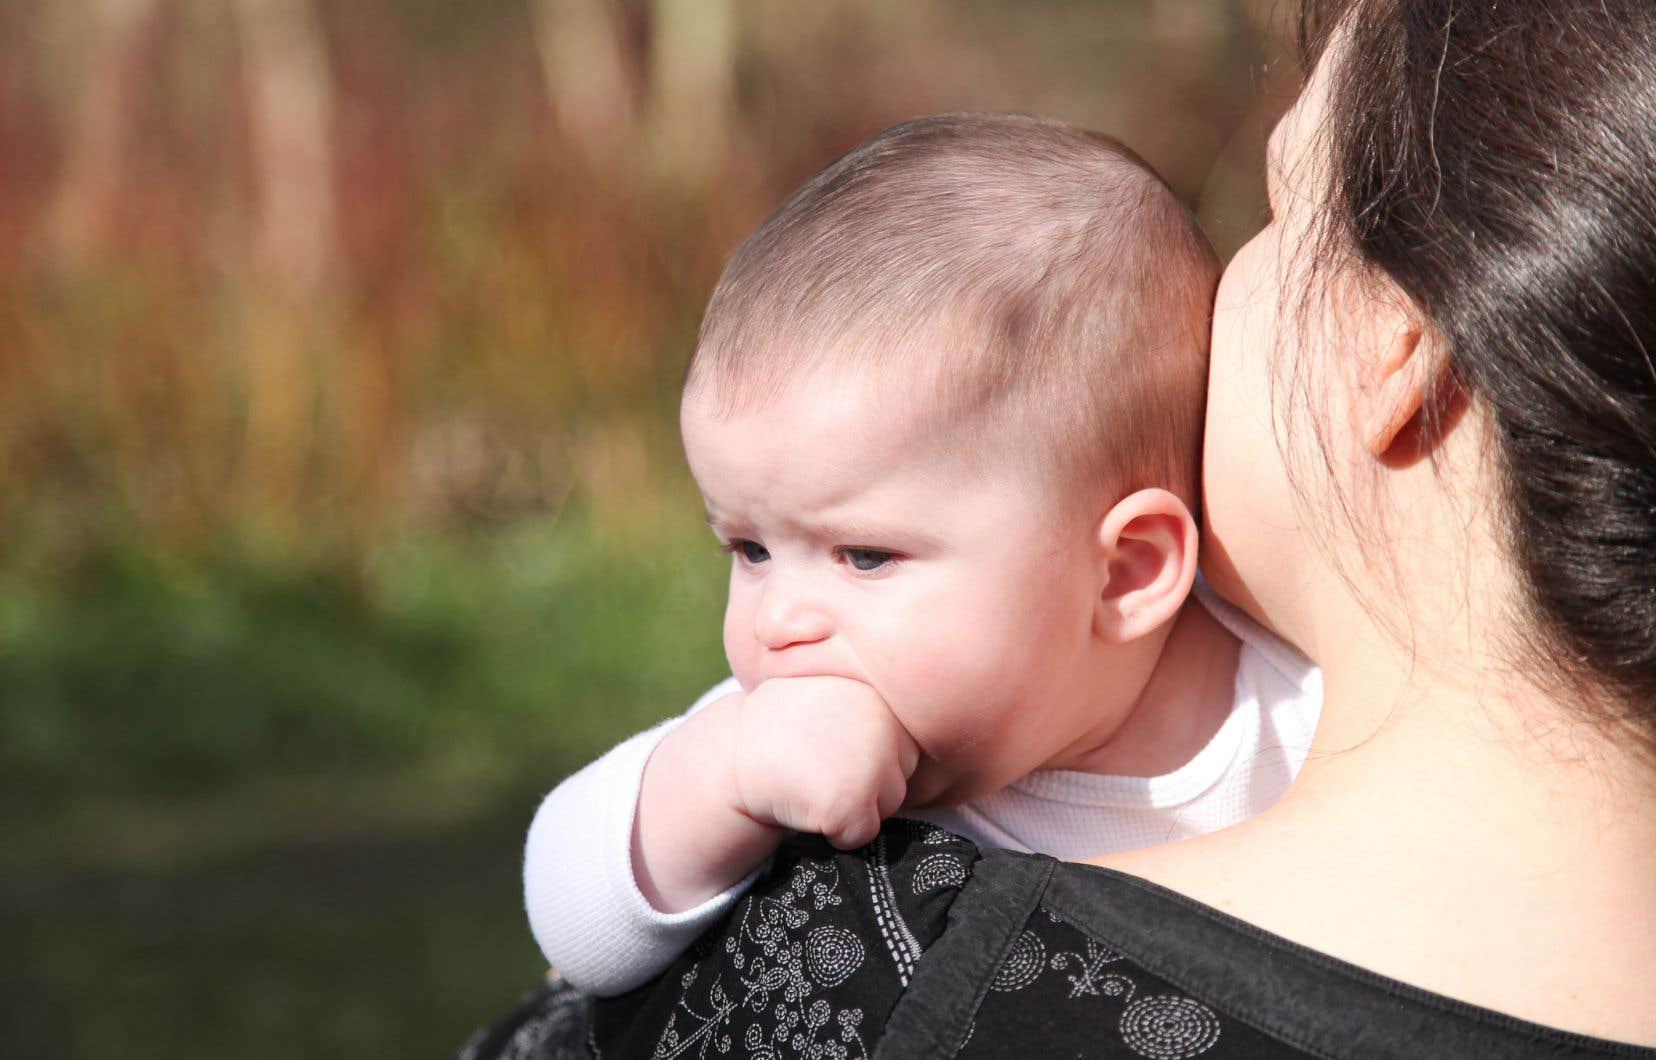 Actuellement, un trouble du spectre de l'autisme n'est diagnostiqué que sur la base de symptômes comportementaux qui n'apparaissent que durant la seconde année de vie de l'enfant.